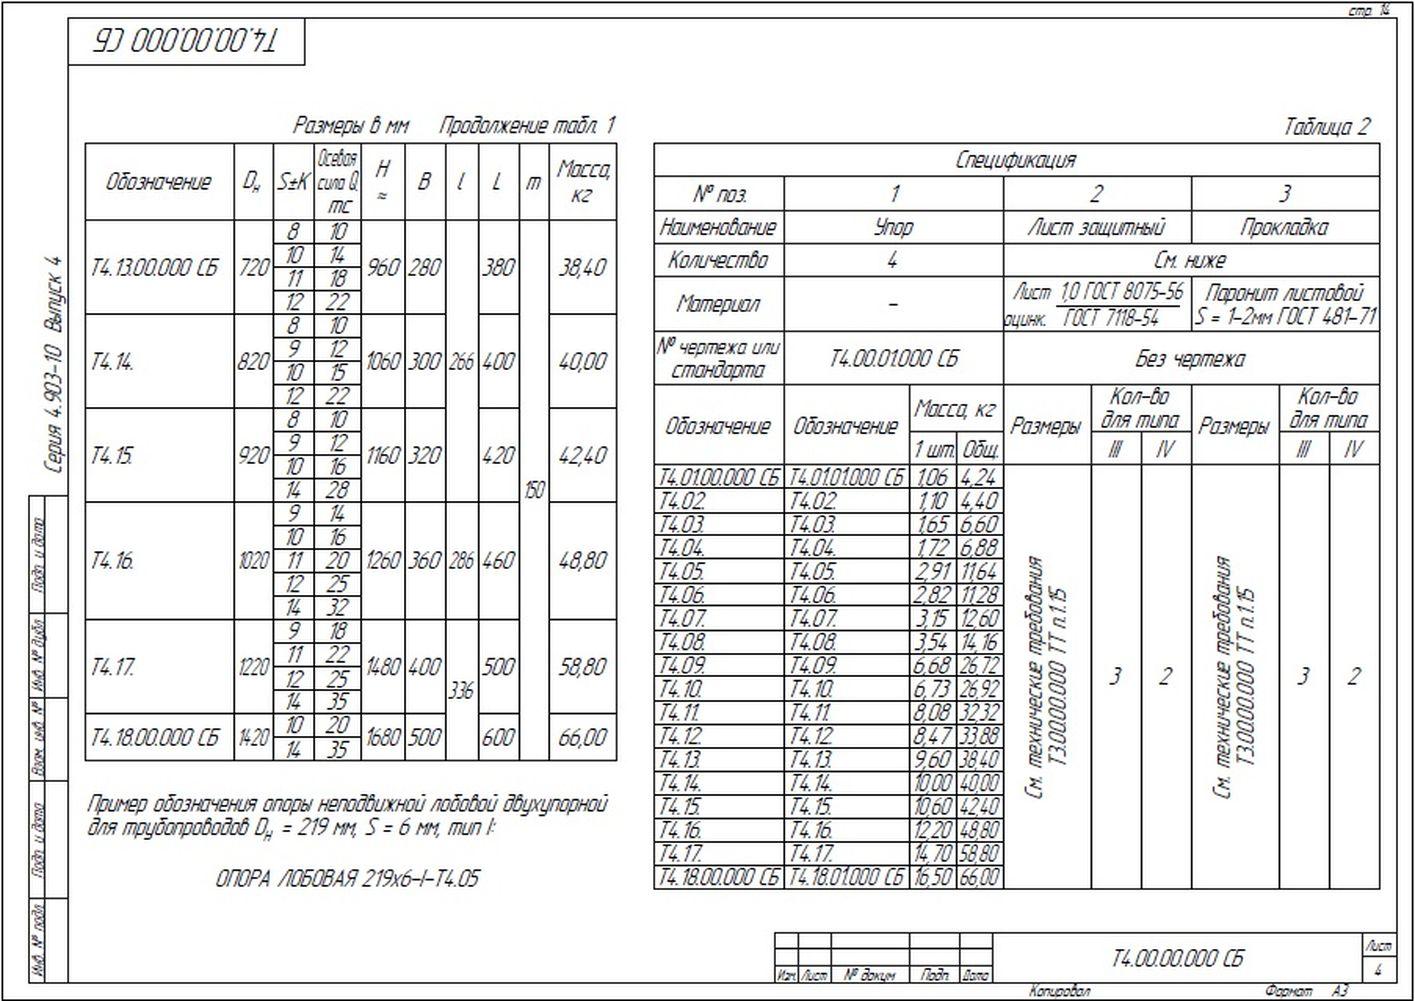 Опора неподвижная лобовая двухупорная Т4 серия 4.903-10 вып.4 стр.4